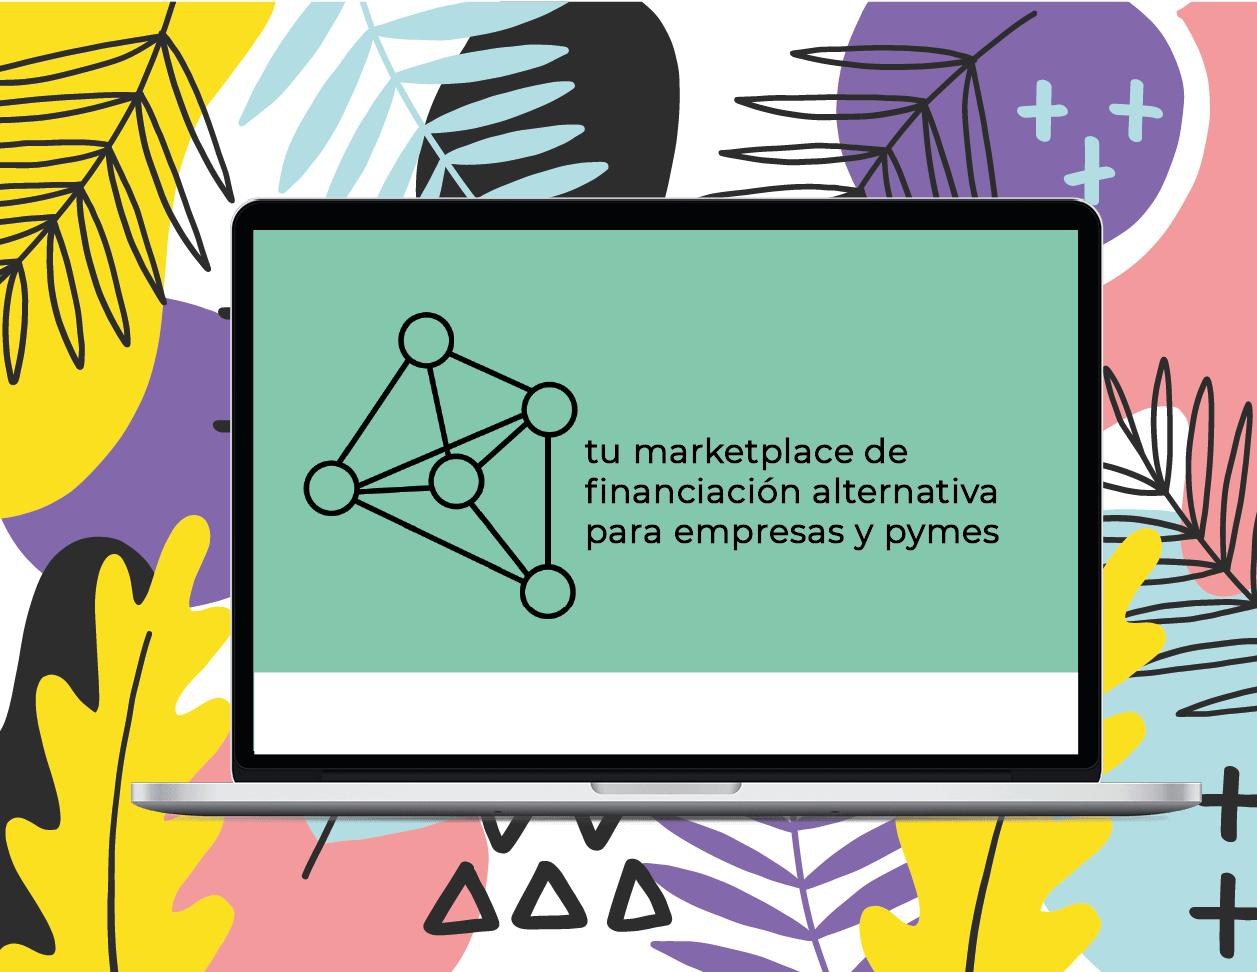 nueva web, nuevo marketplace